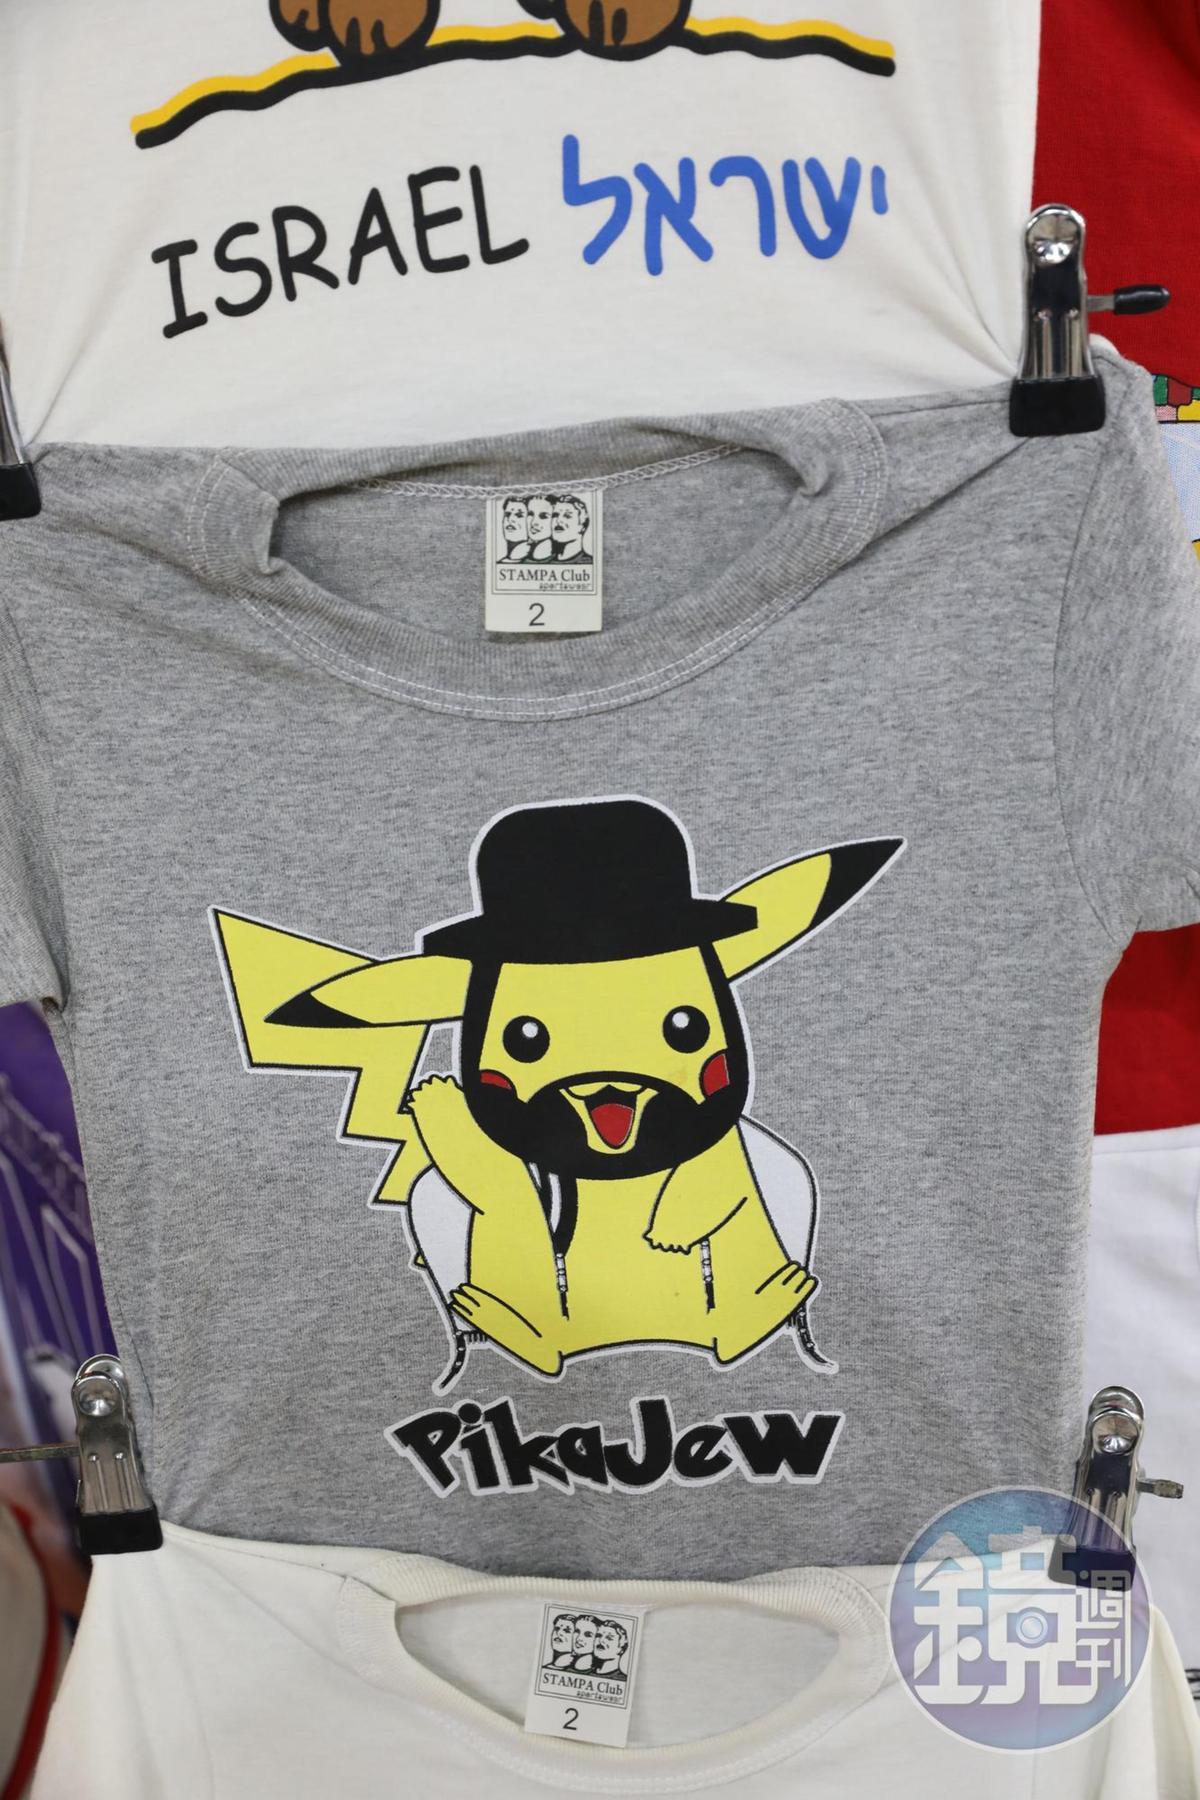 猶太版皮卡丘,拼成PikaJew,讓人會心一笑。